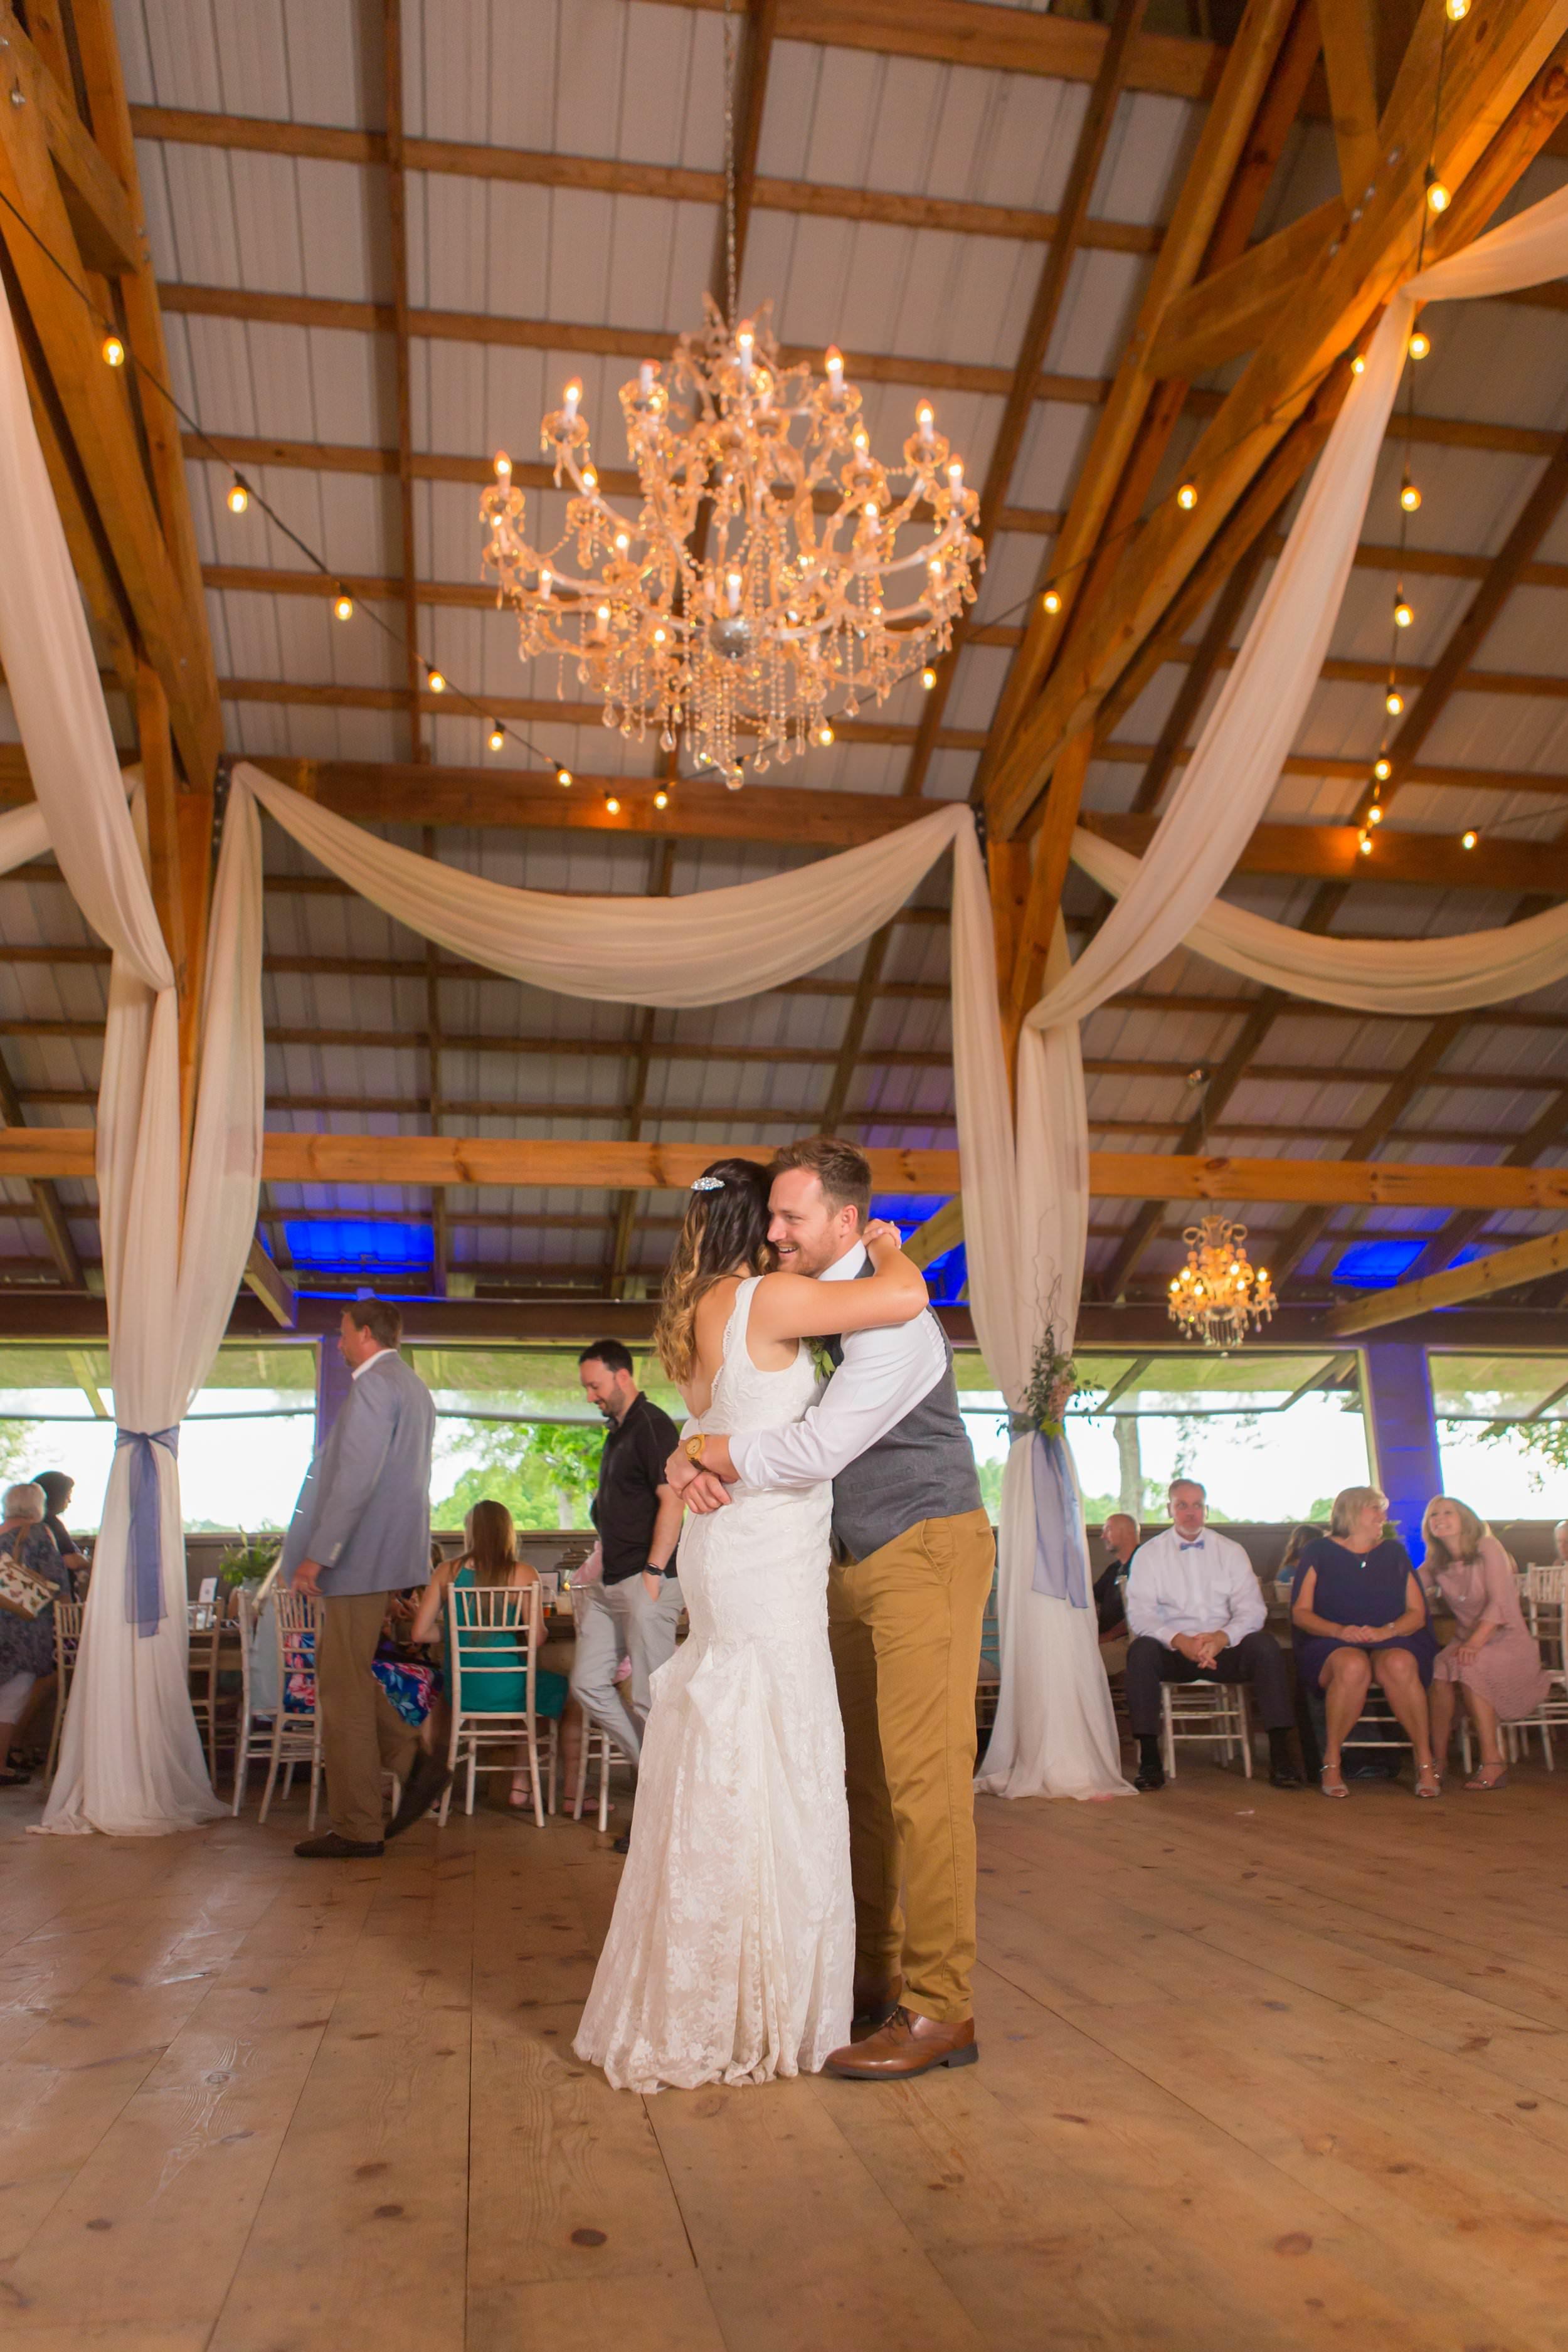 Abby-Manor-Events-Wedding-Photos55.jpg